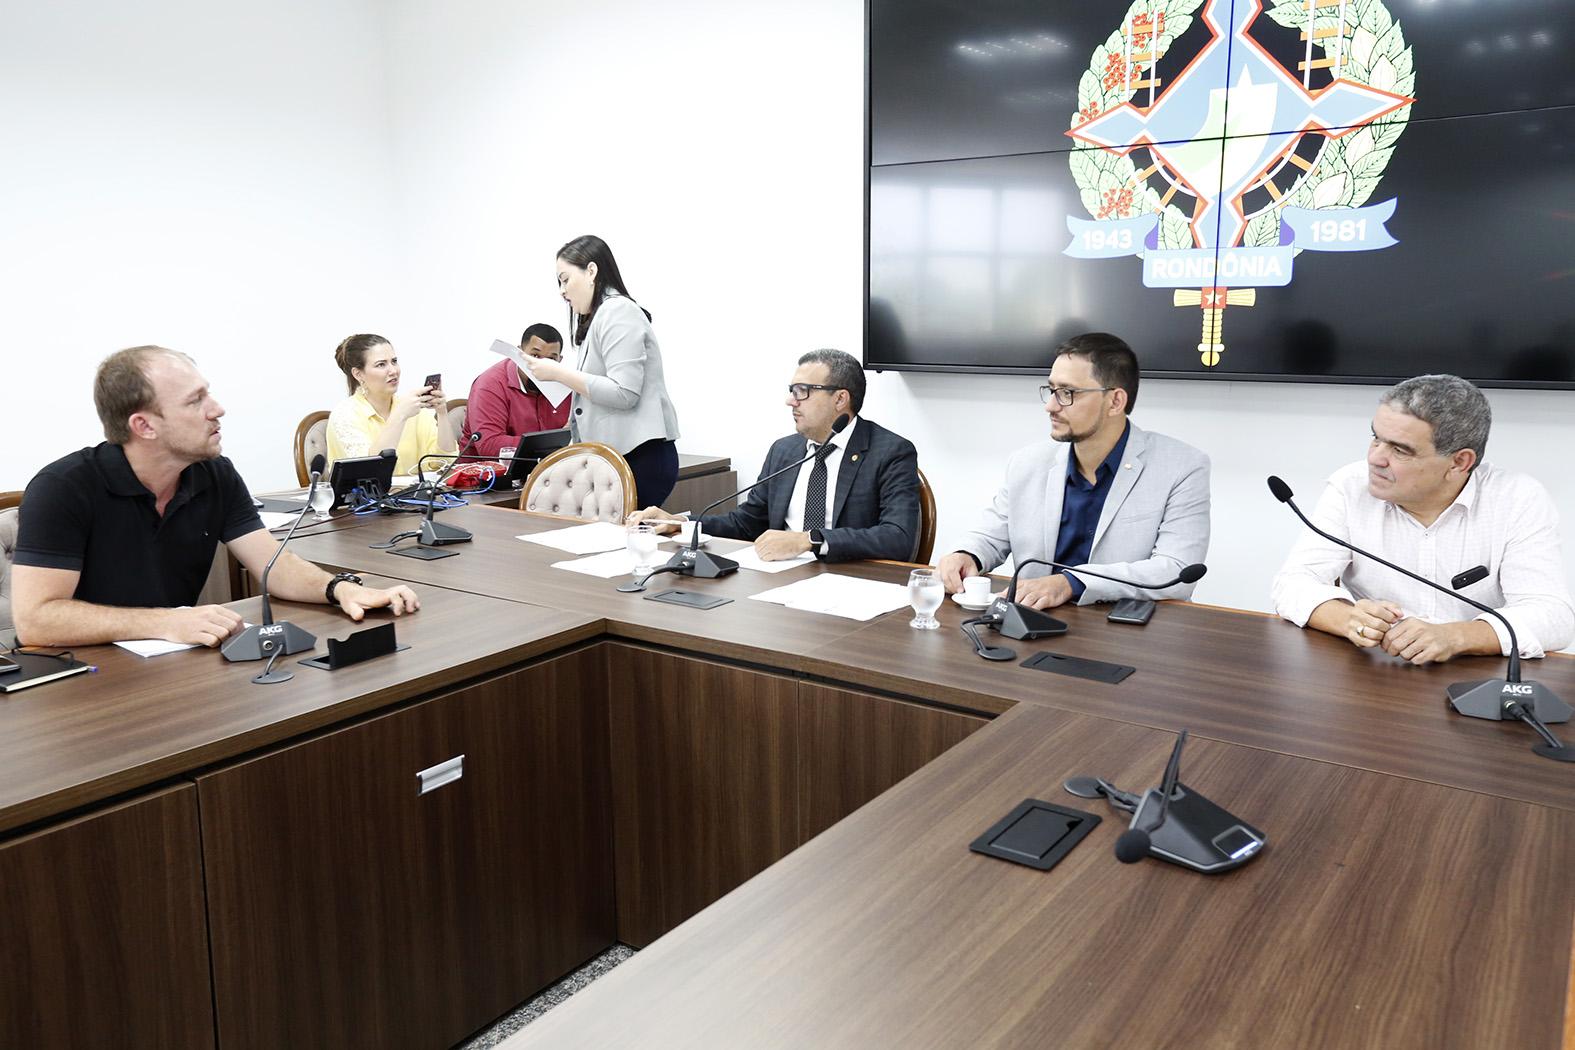 Prefeitura de Jaru não envia representante e Comissão vai a Tarilândia debater fim do Conselho Tutelar